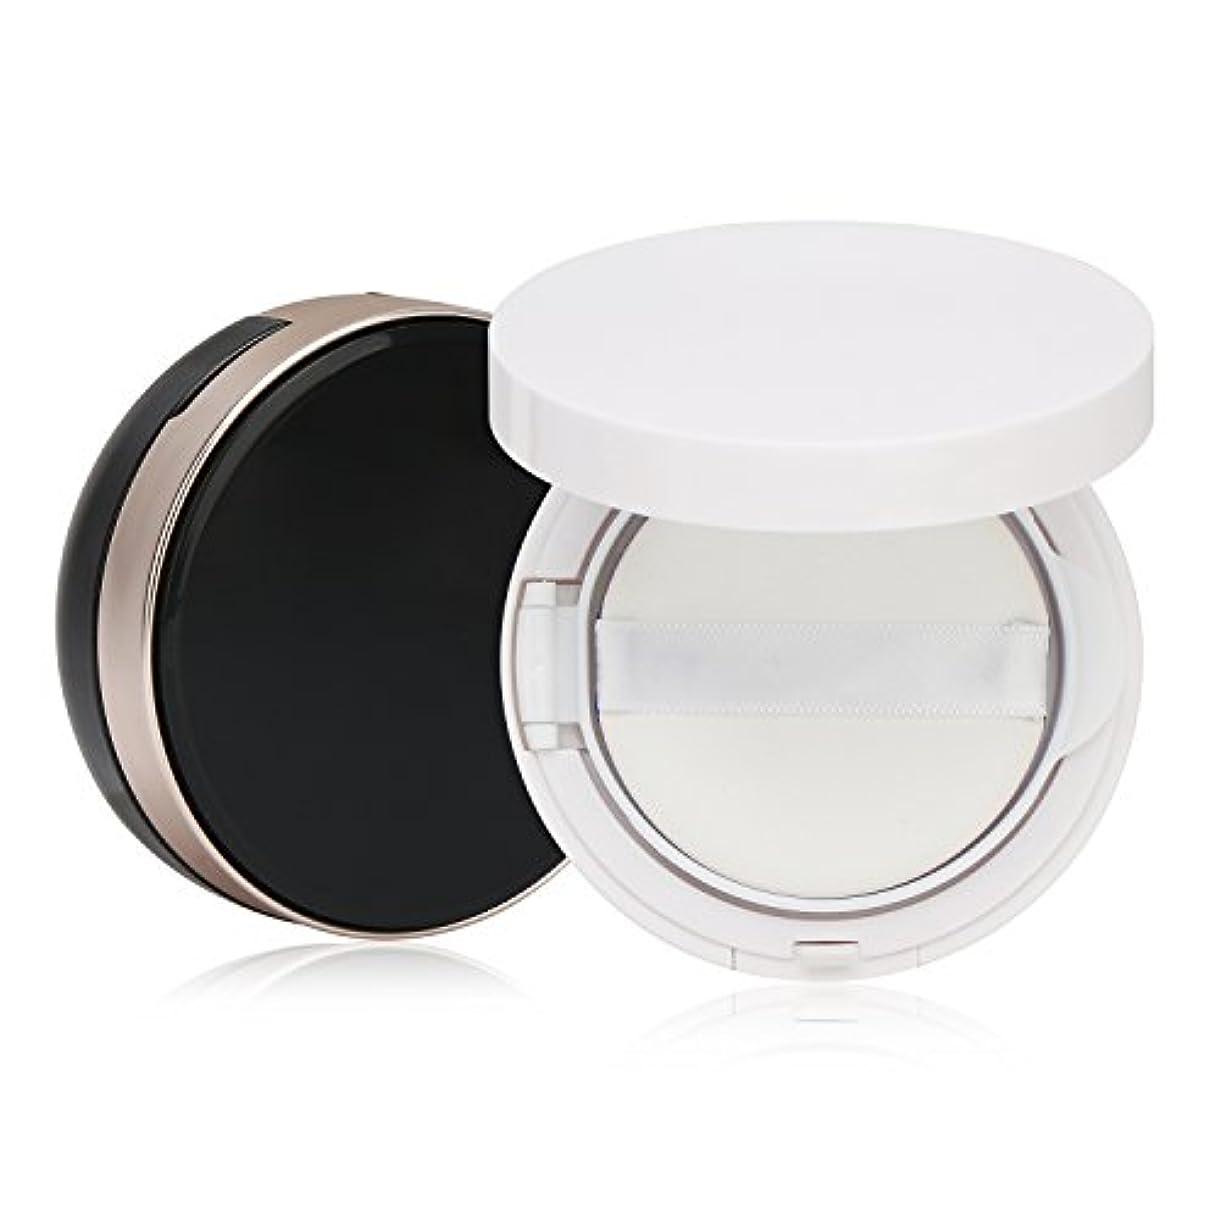 多様体宿命コンテストSegbeauty エアクッションボックス パウダーコンテナ BBクリーム 化粧品 詰替え DIY 黒いと白いのセット